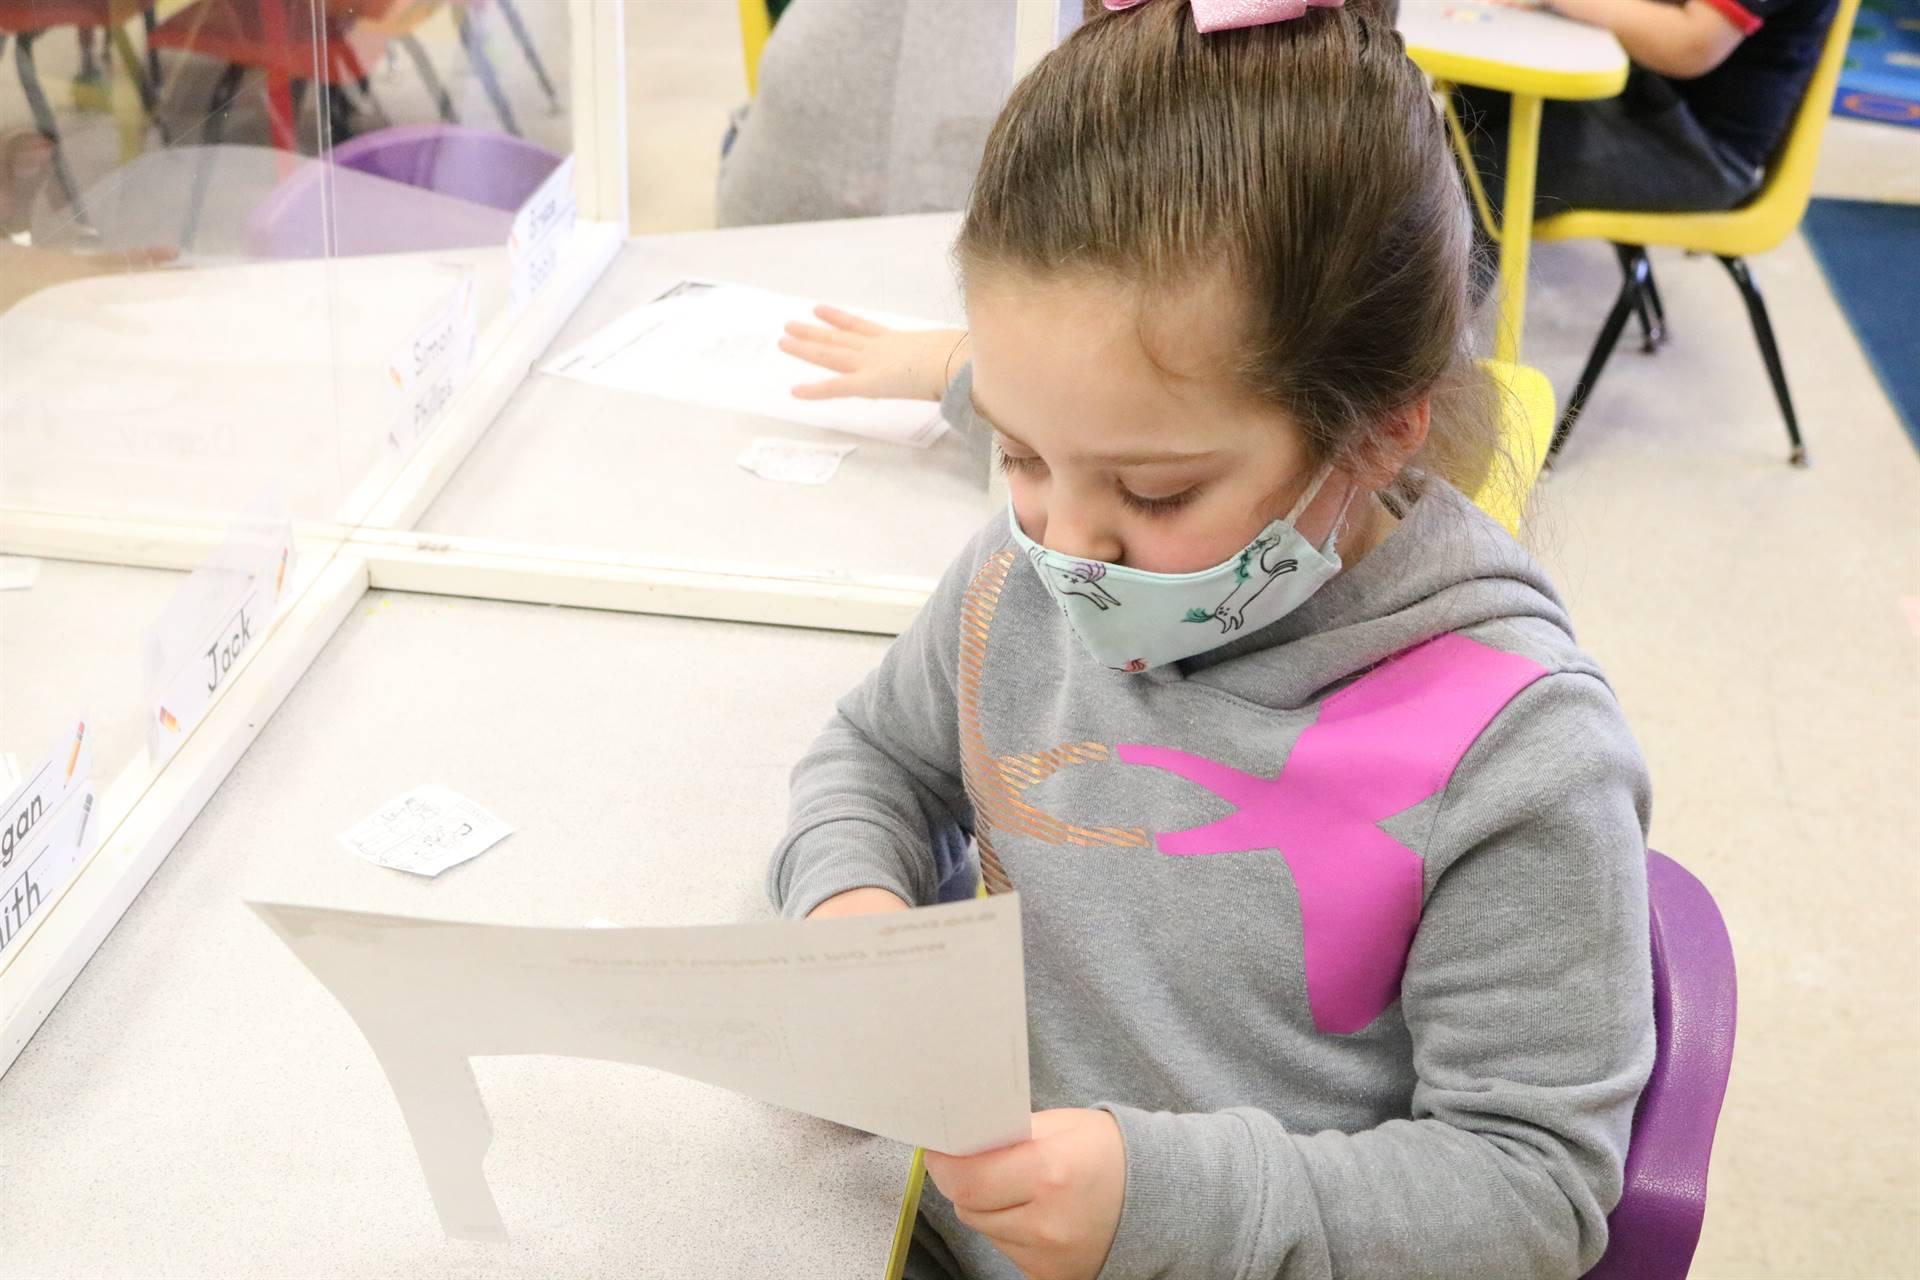 girl cutting paper